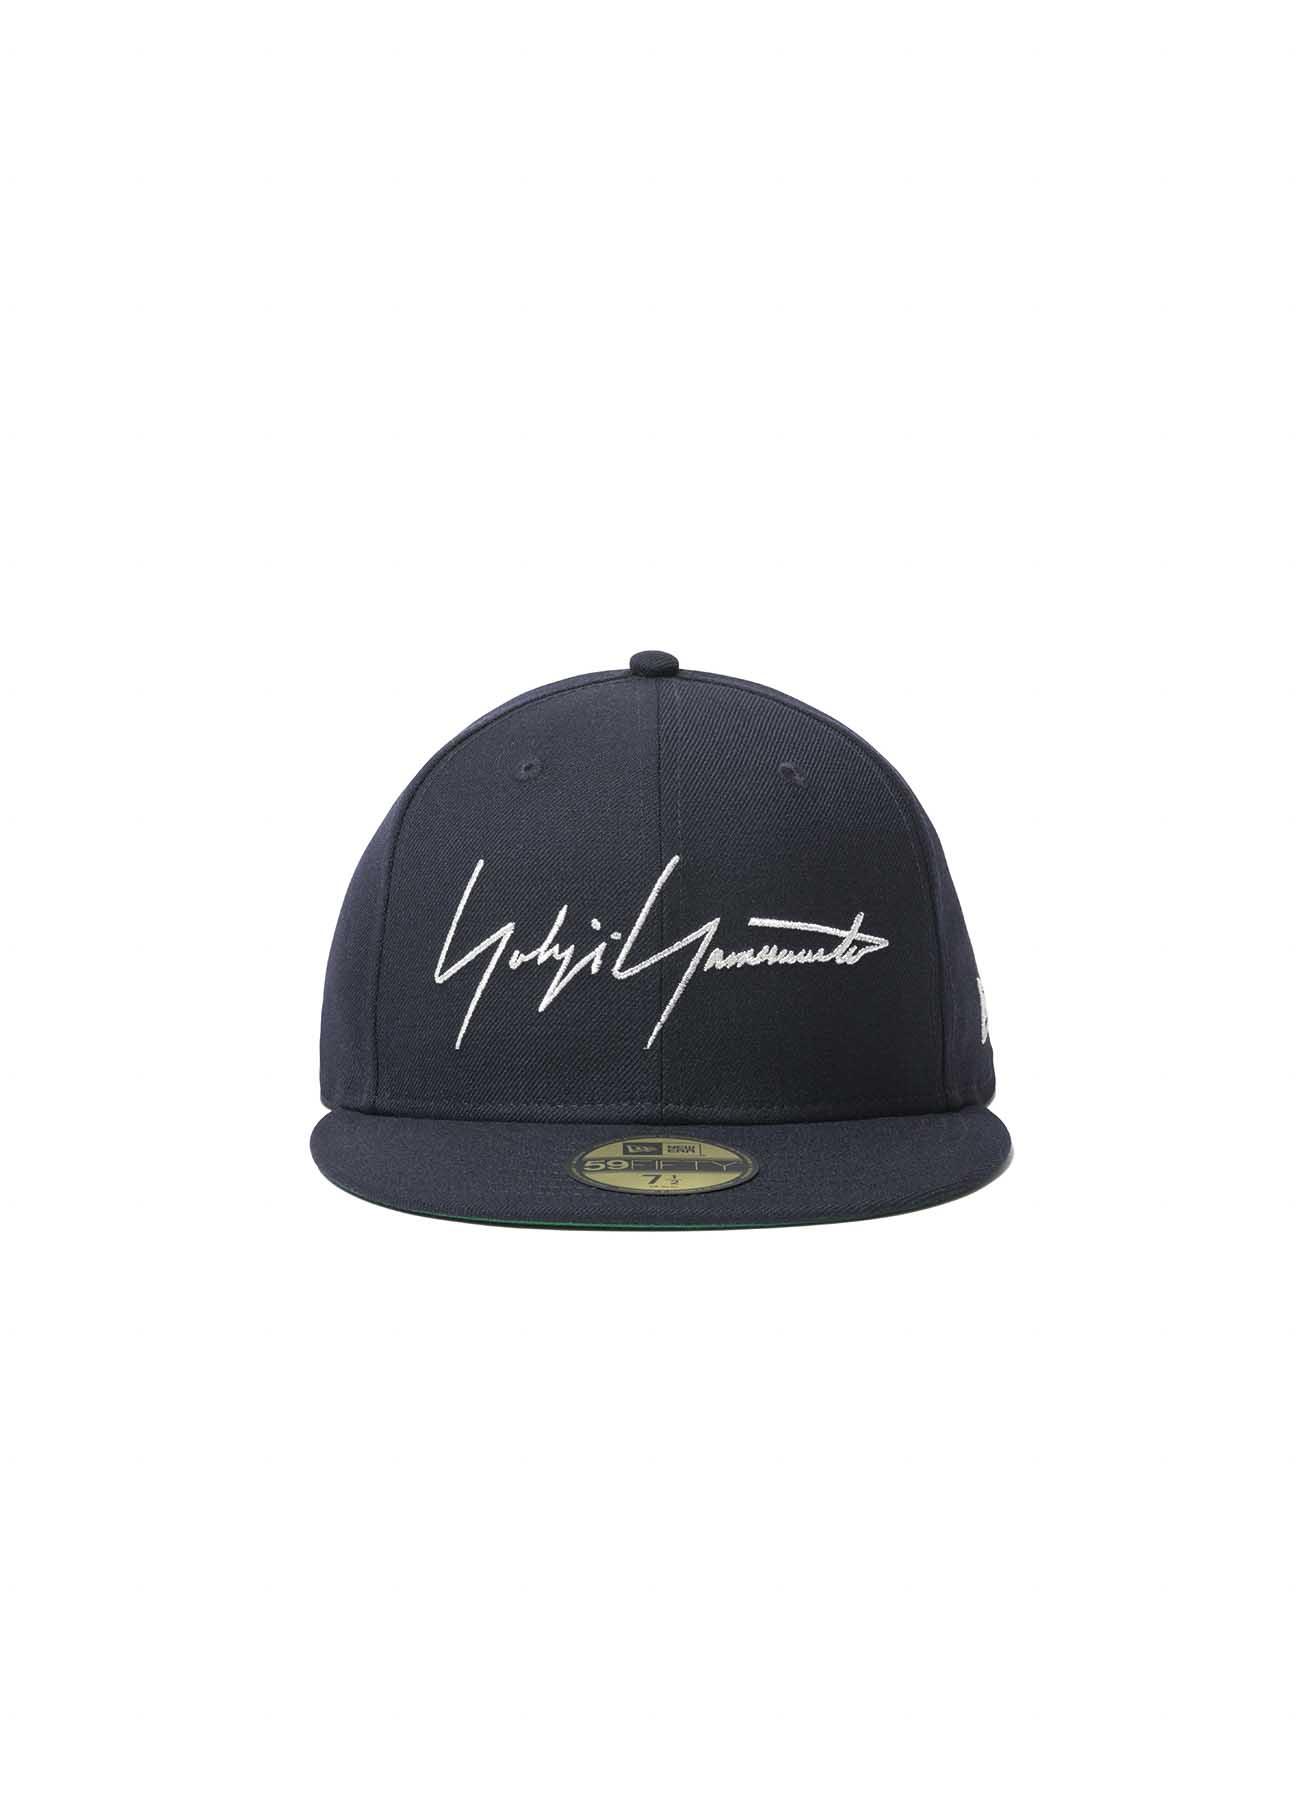 Yohji Yamamoto × New Era 59FIFTY Navy Serge Metal Logo